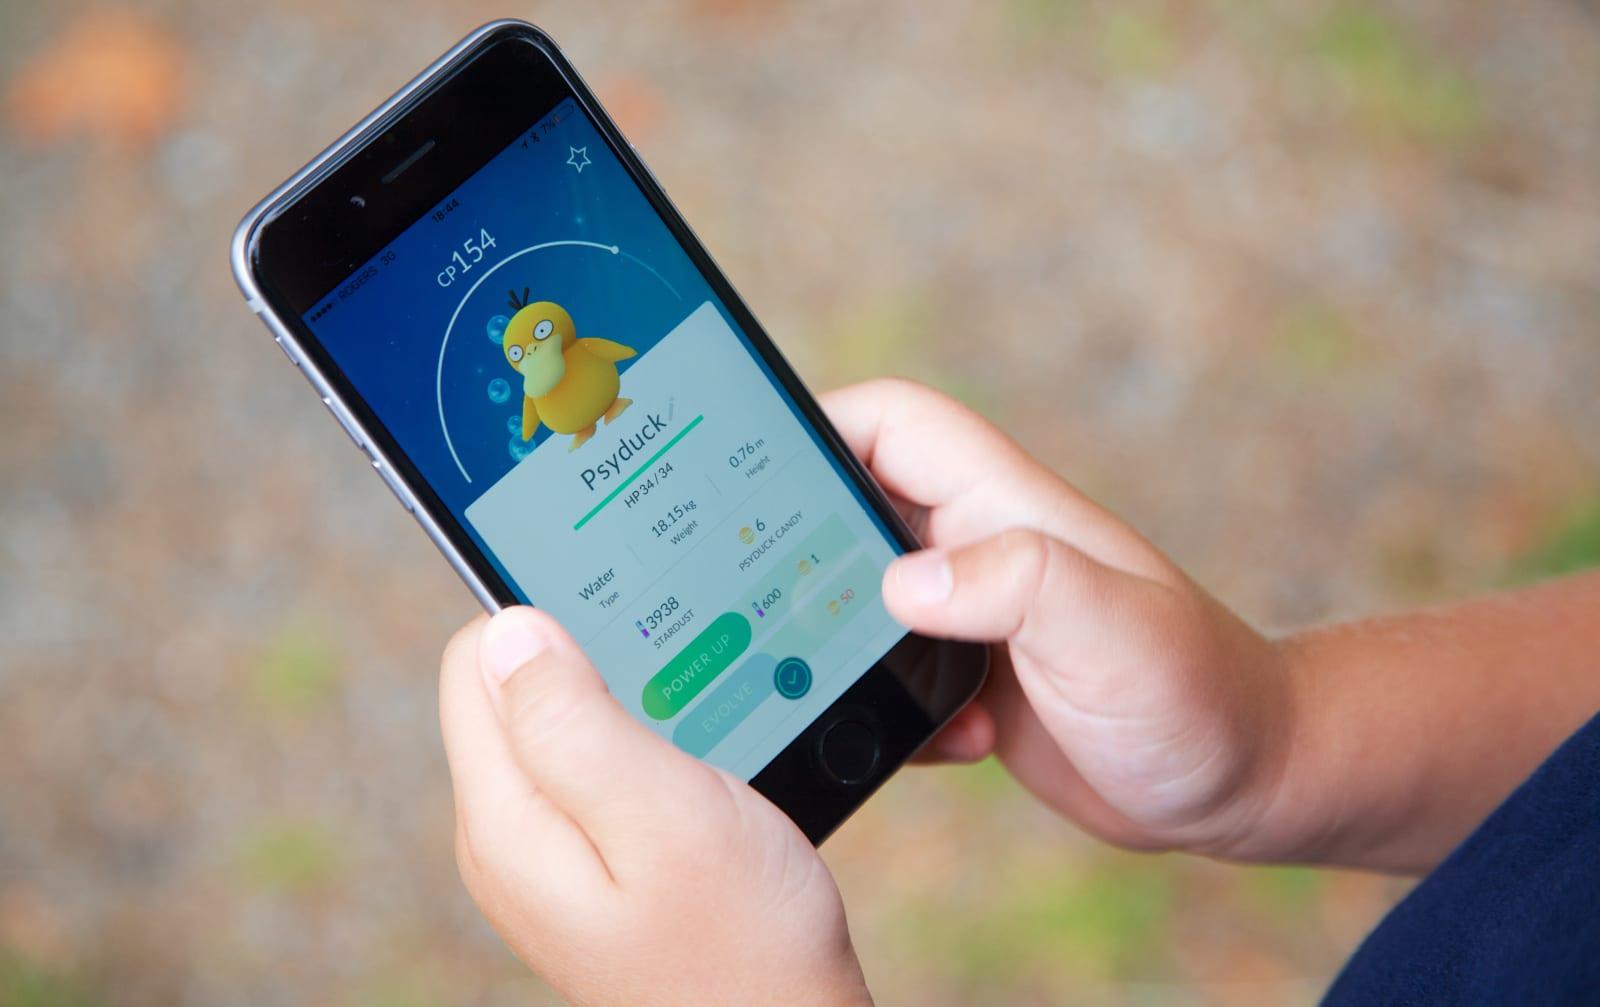 ล้ำหน้าโชว์ คนเริ่มกลับมาเล่น! Pokémon Go มีจำนวน active user เพิ่มขึ้นถึง 35% Pokemon Go Pokemon Niantic